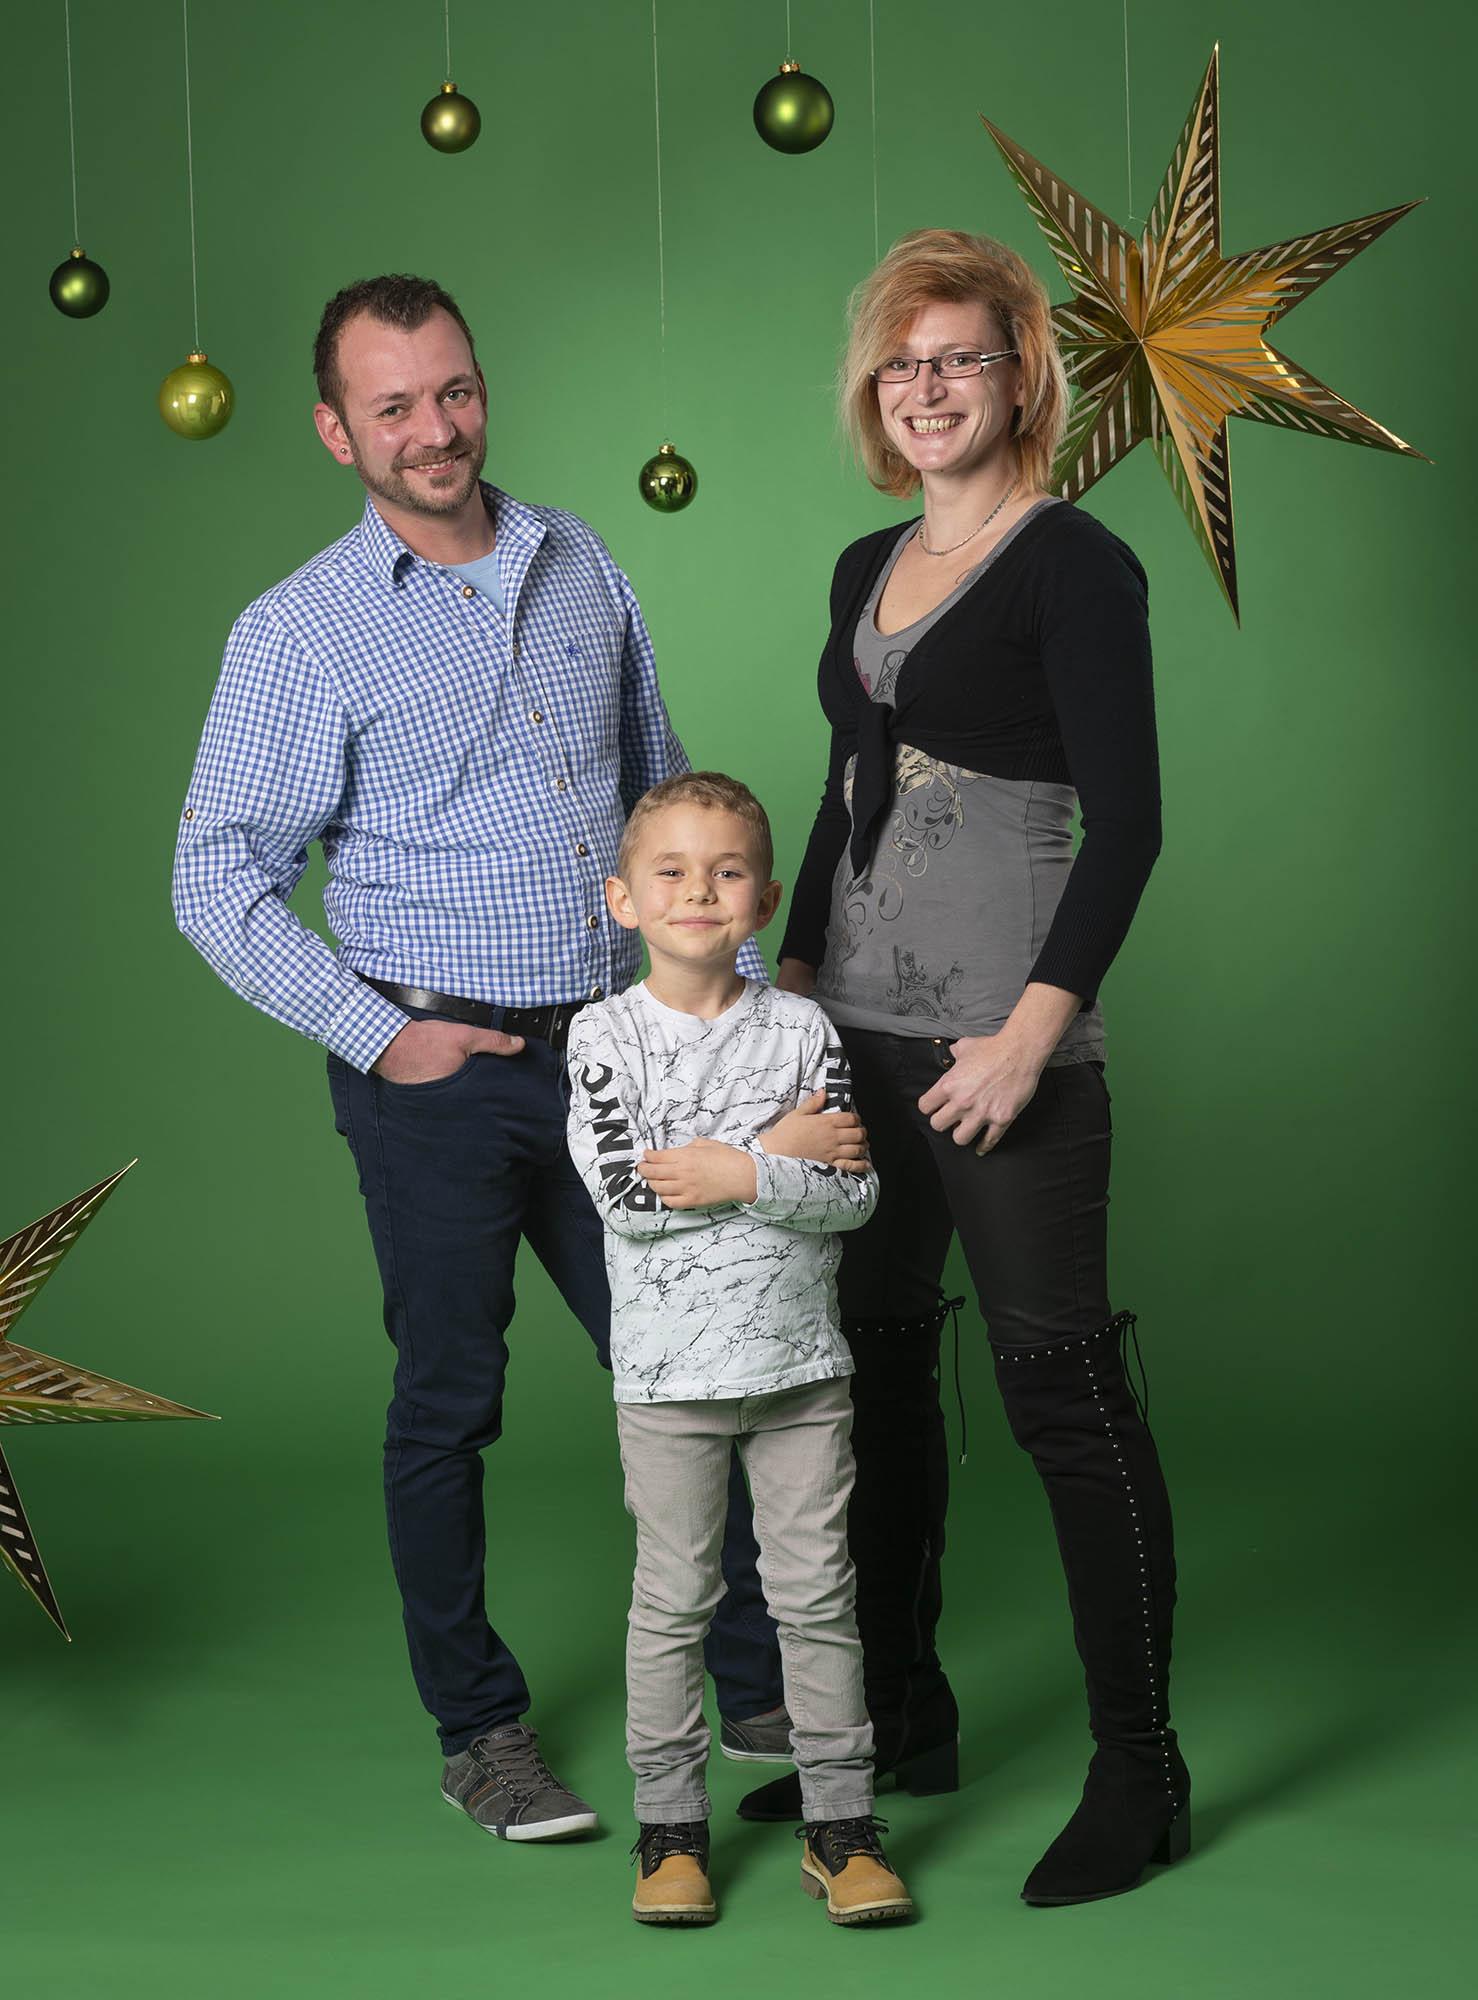 Familie-Traunstein-Familienfoto-Studio-Weihnachten-Geschenk-002